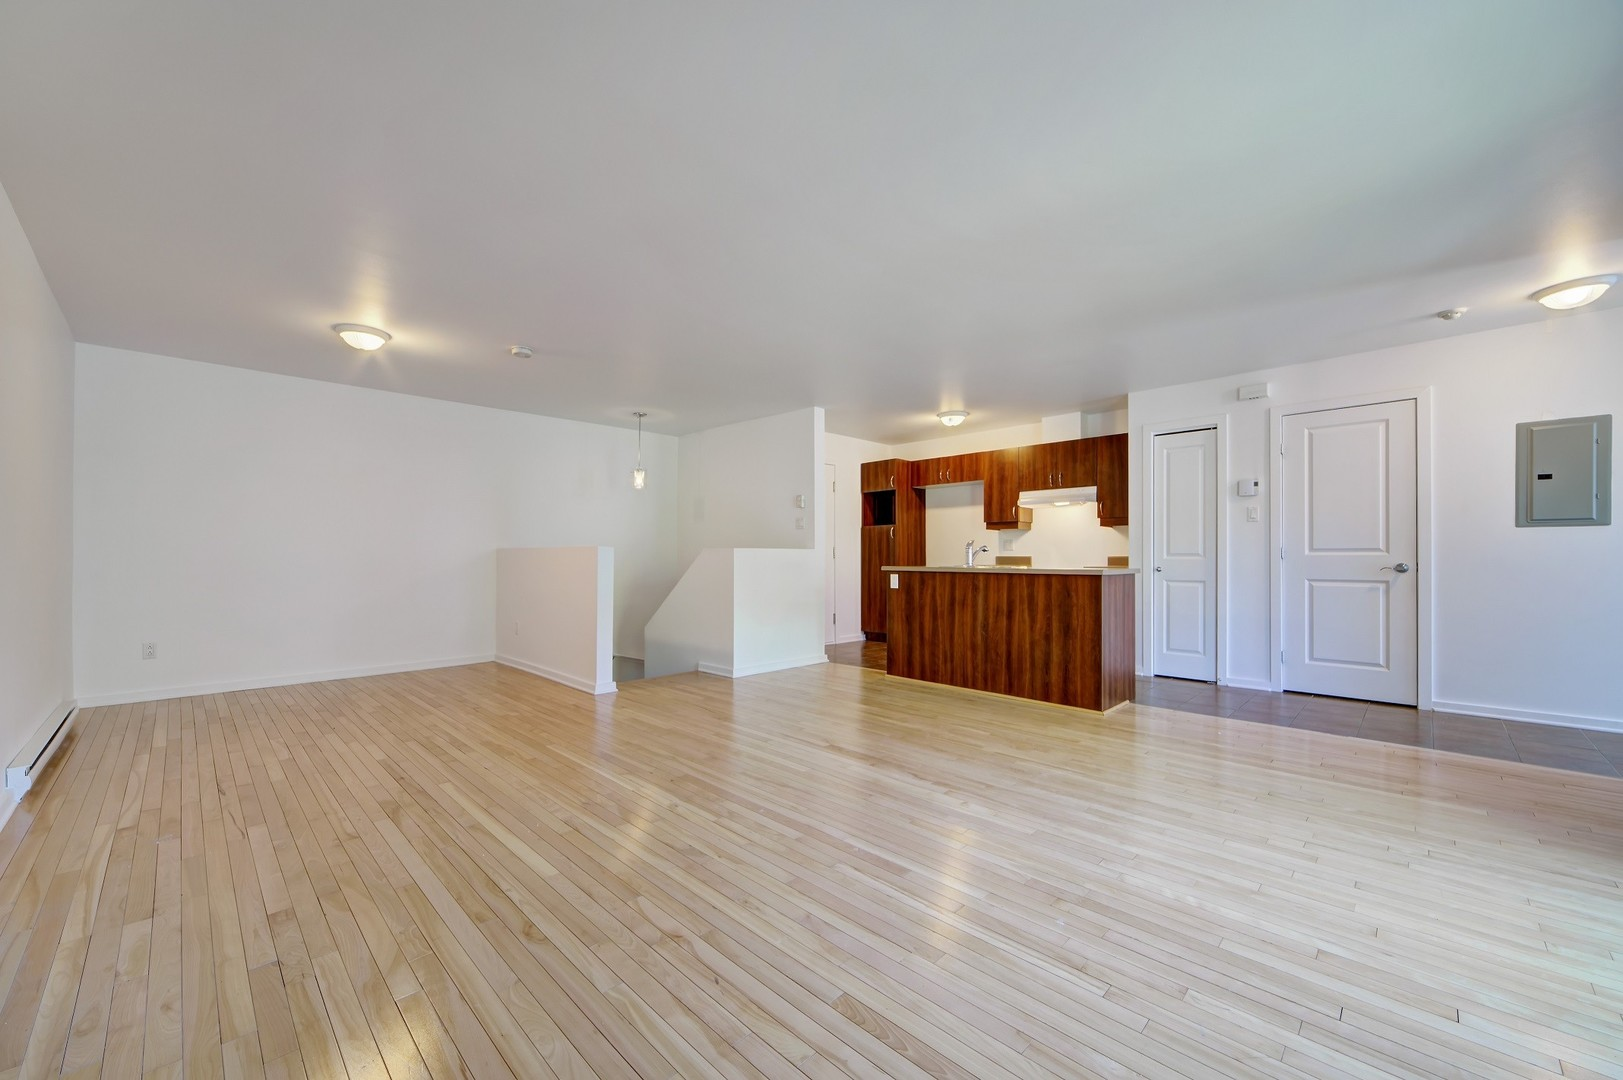 image 9 - Condo - For rent - Montréal  (Rivière-des-Prairies) - 4 rooms